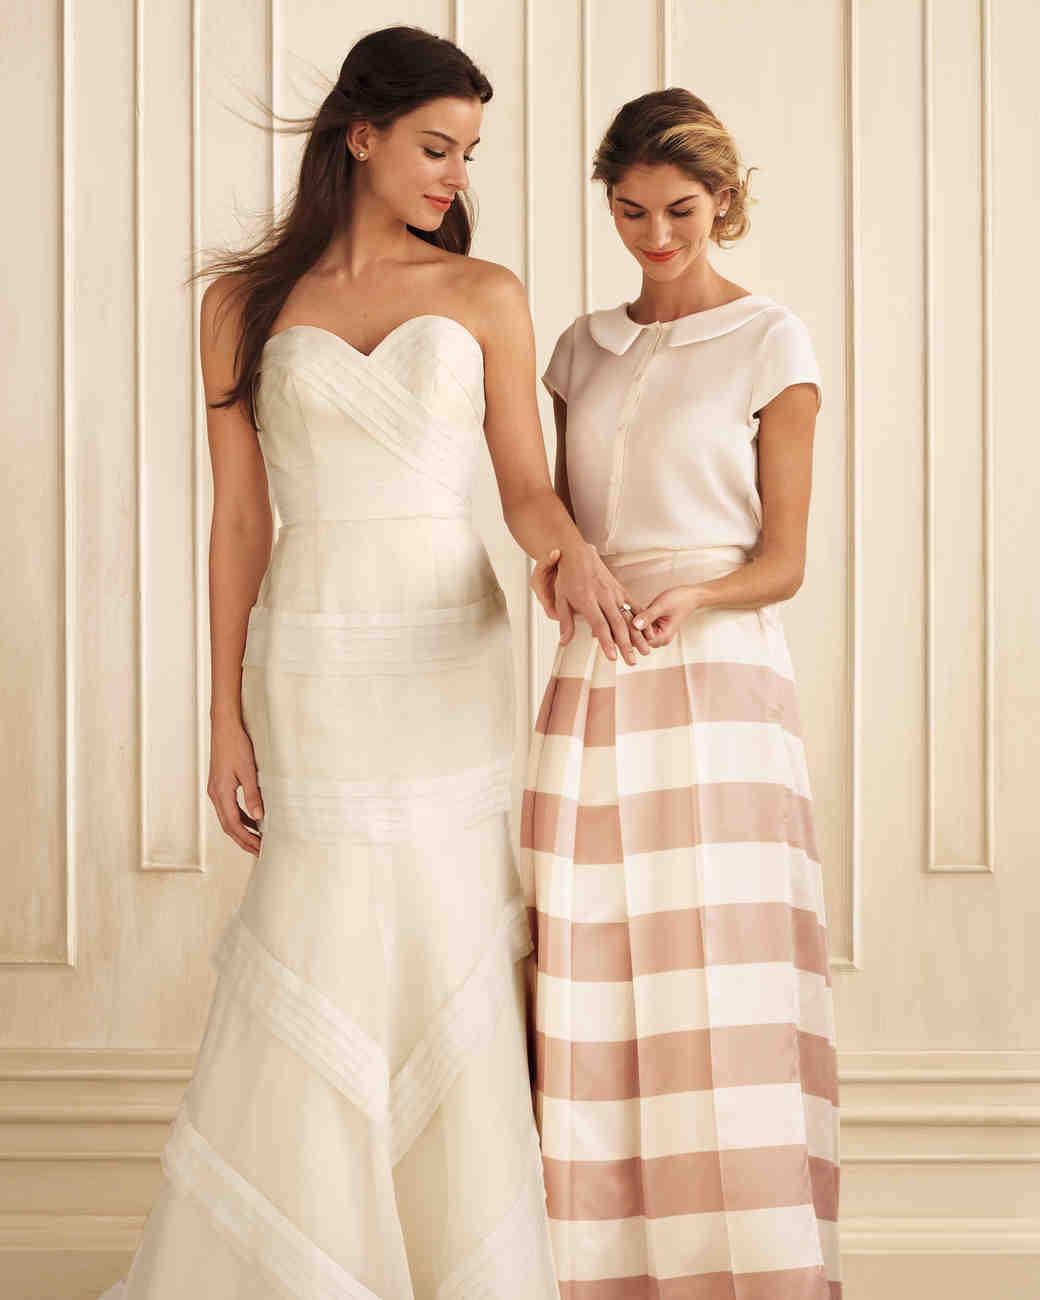 Striped Wedding Ideas | Martha Stewart Weddings